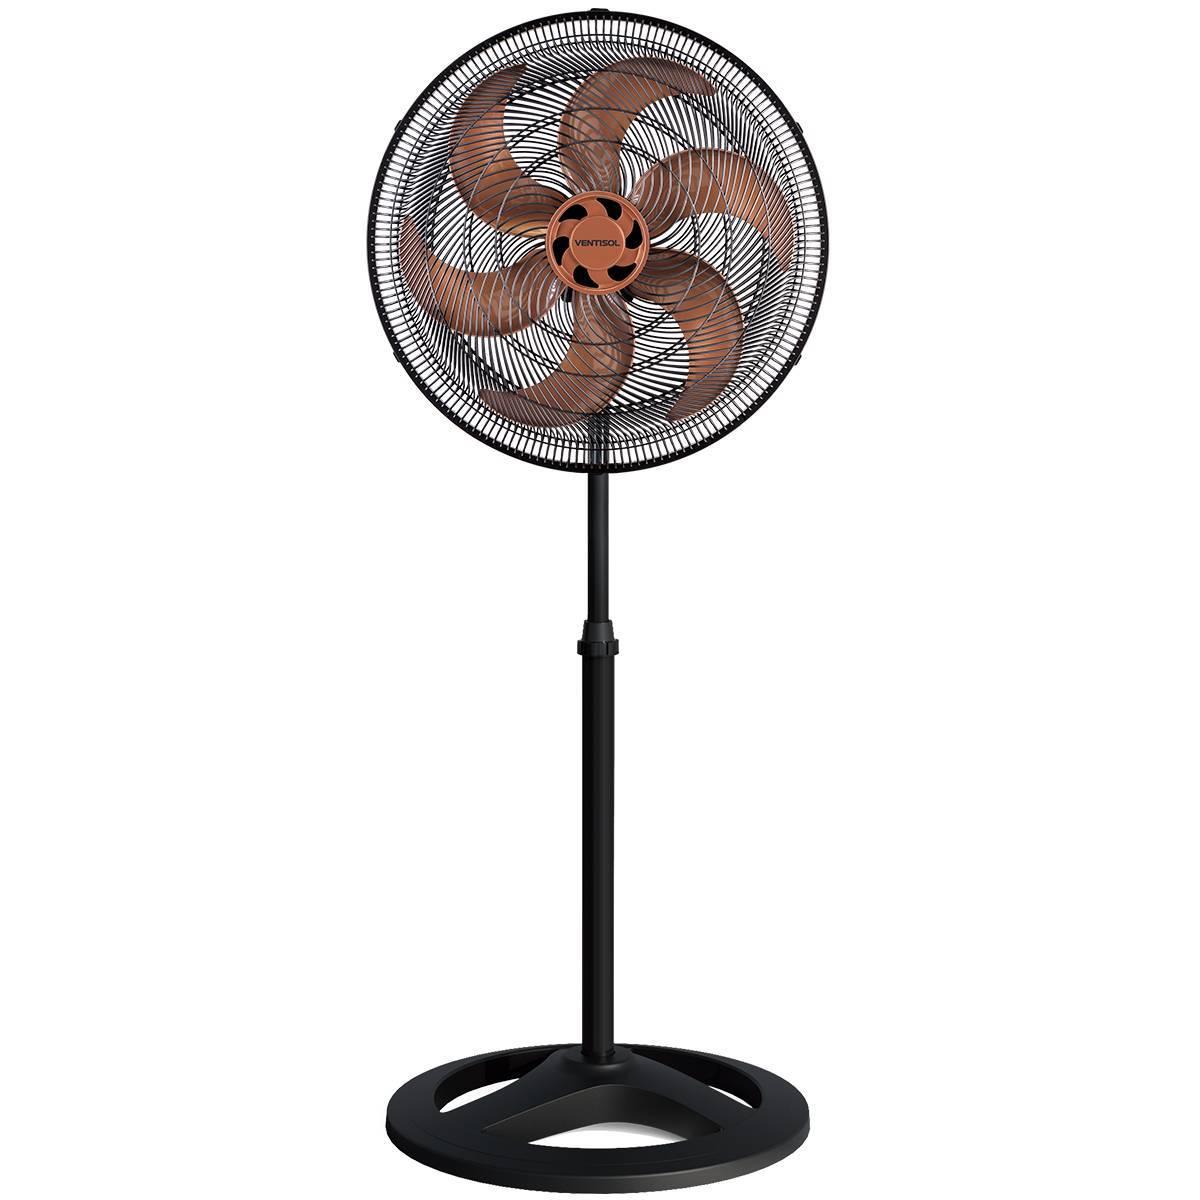 Ventilador De Coluna Turbo 6 50cm Preto/bronze Ventisol  - LCGELETRO